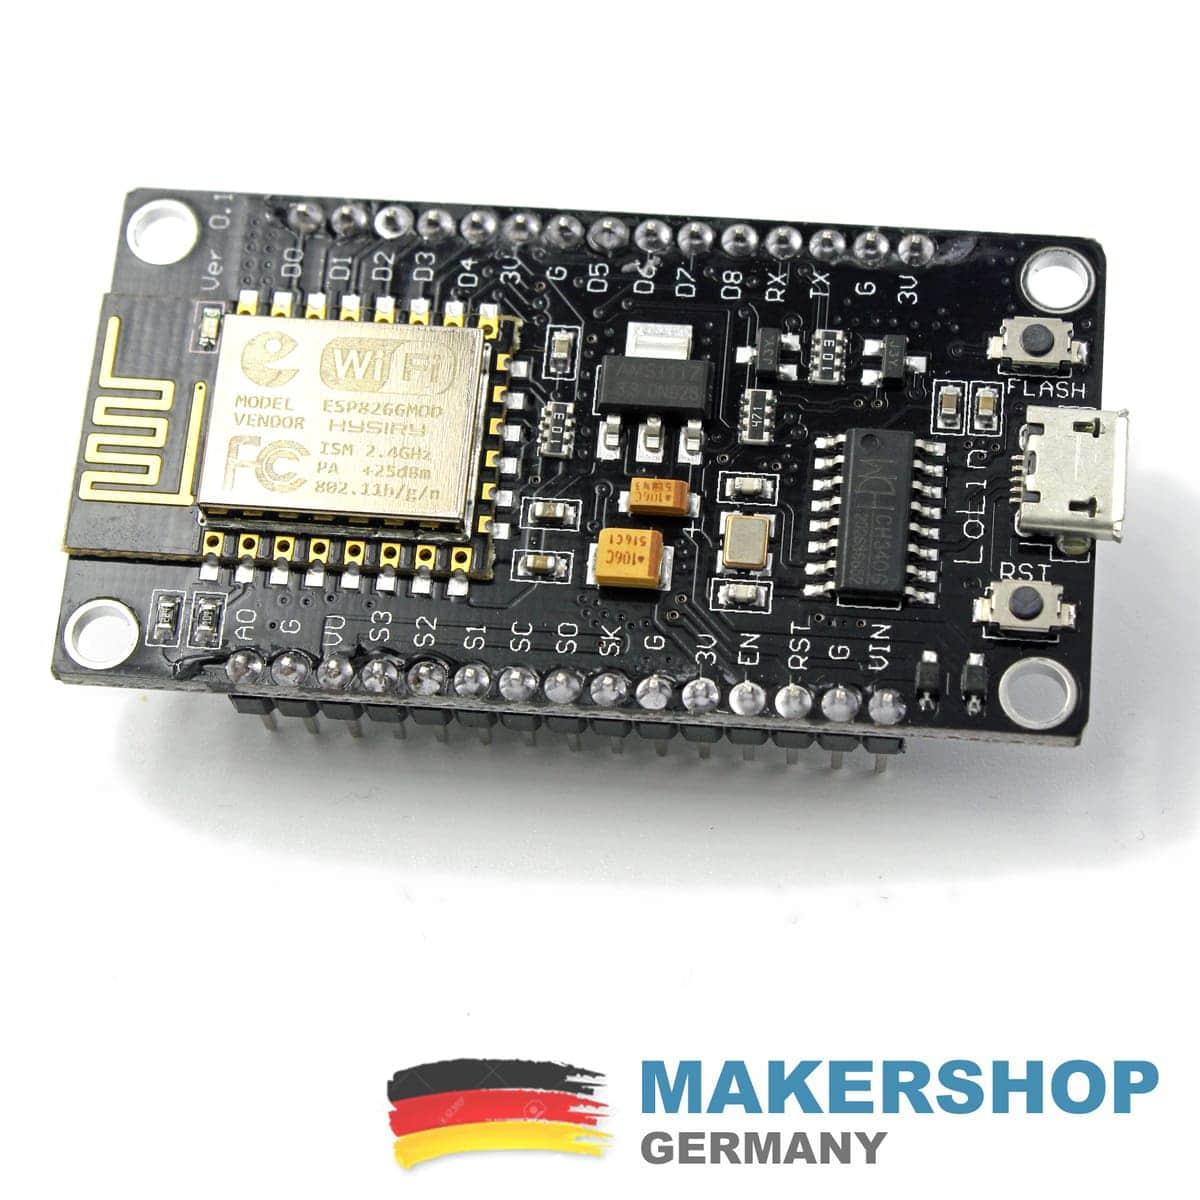 D1 Mini ESP8266 WLAN Mikrokontroller Wifi Nodemcu Modul Arduino Deutsche Post